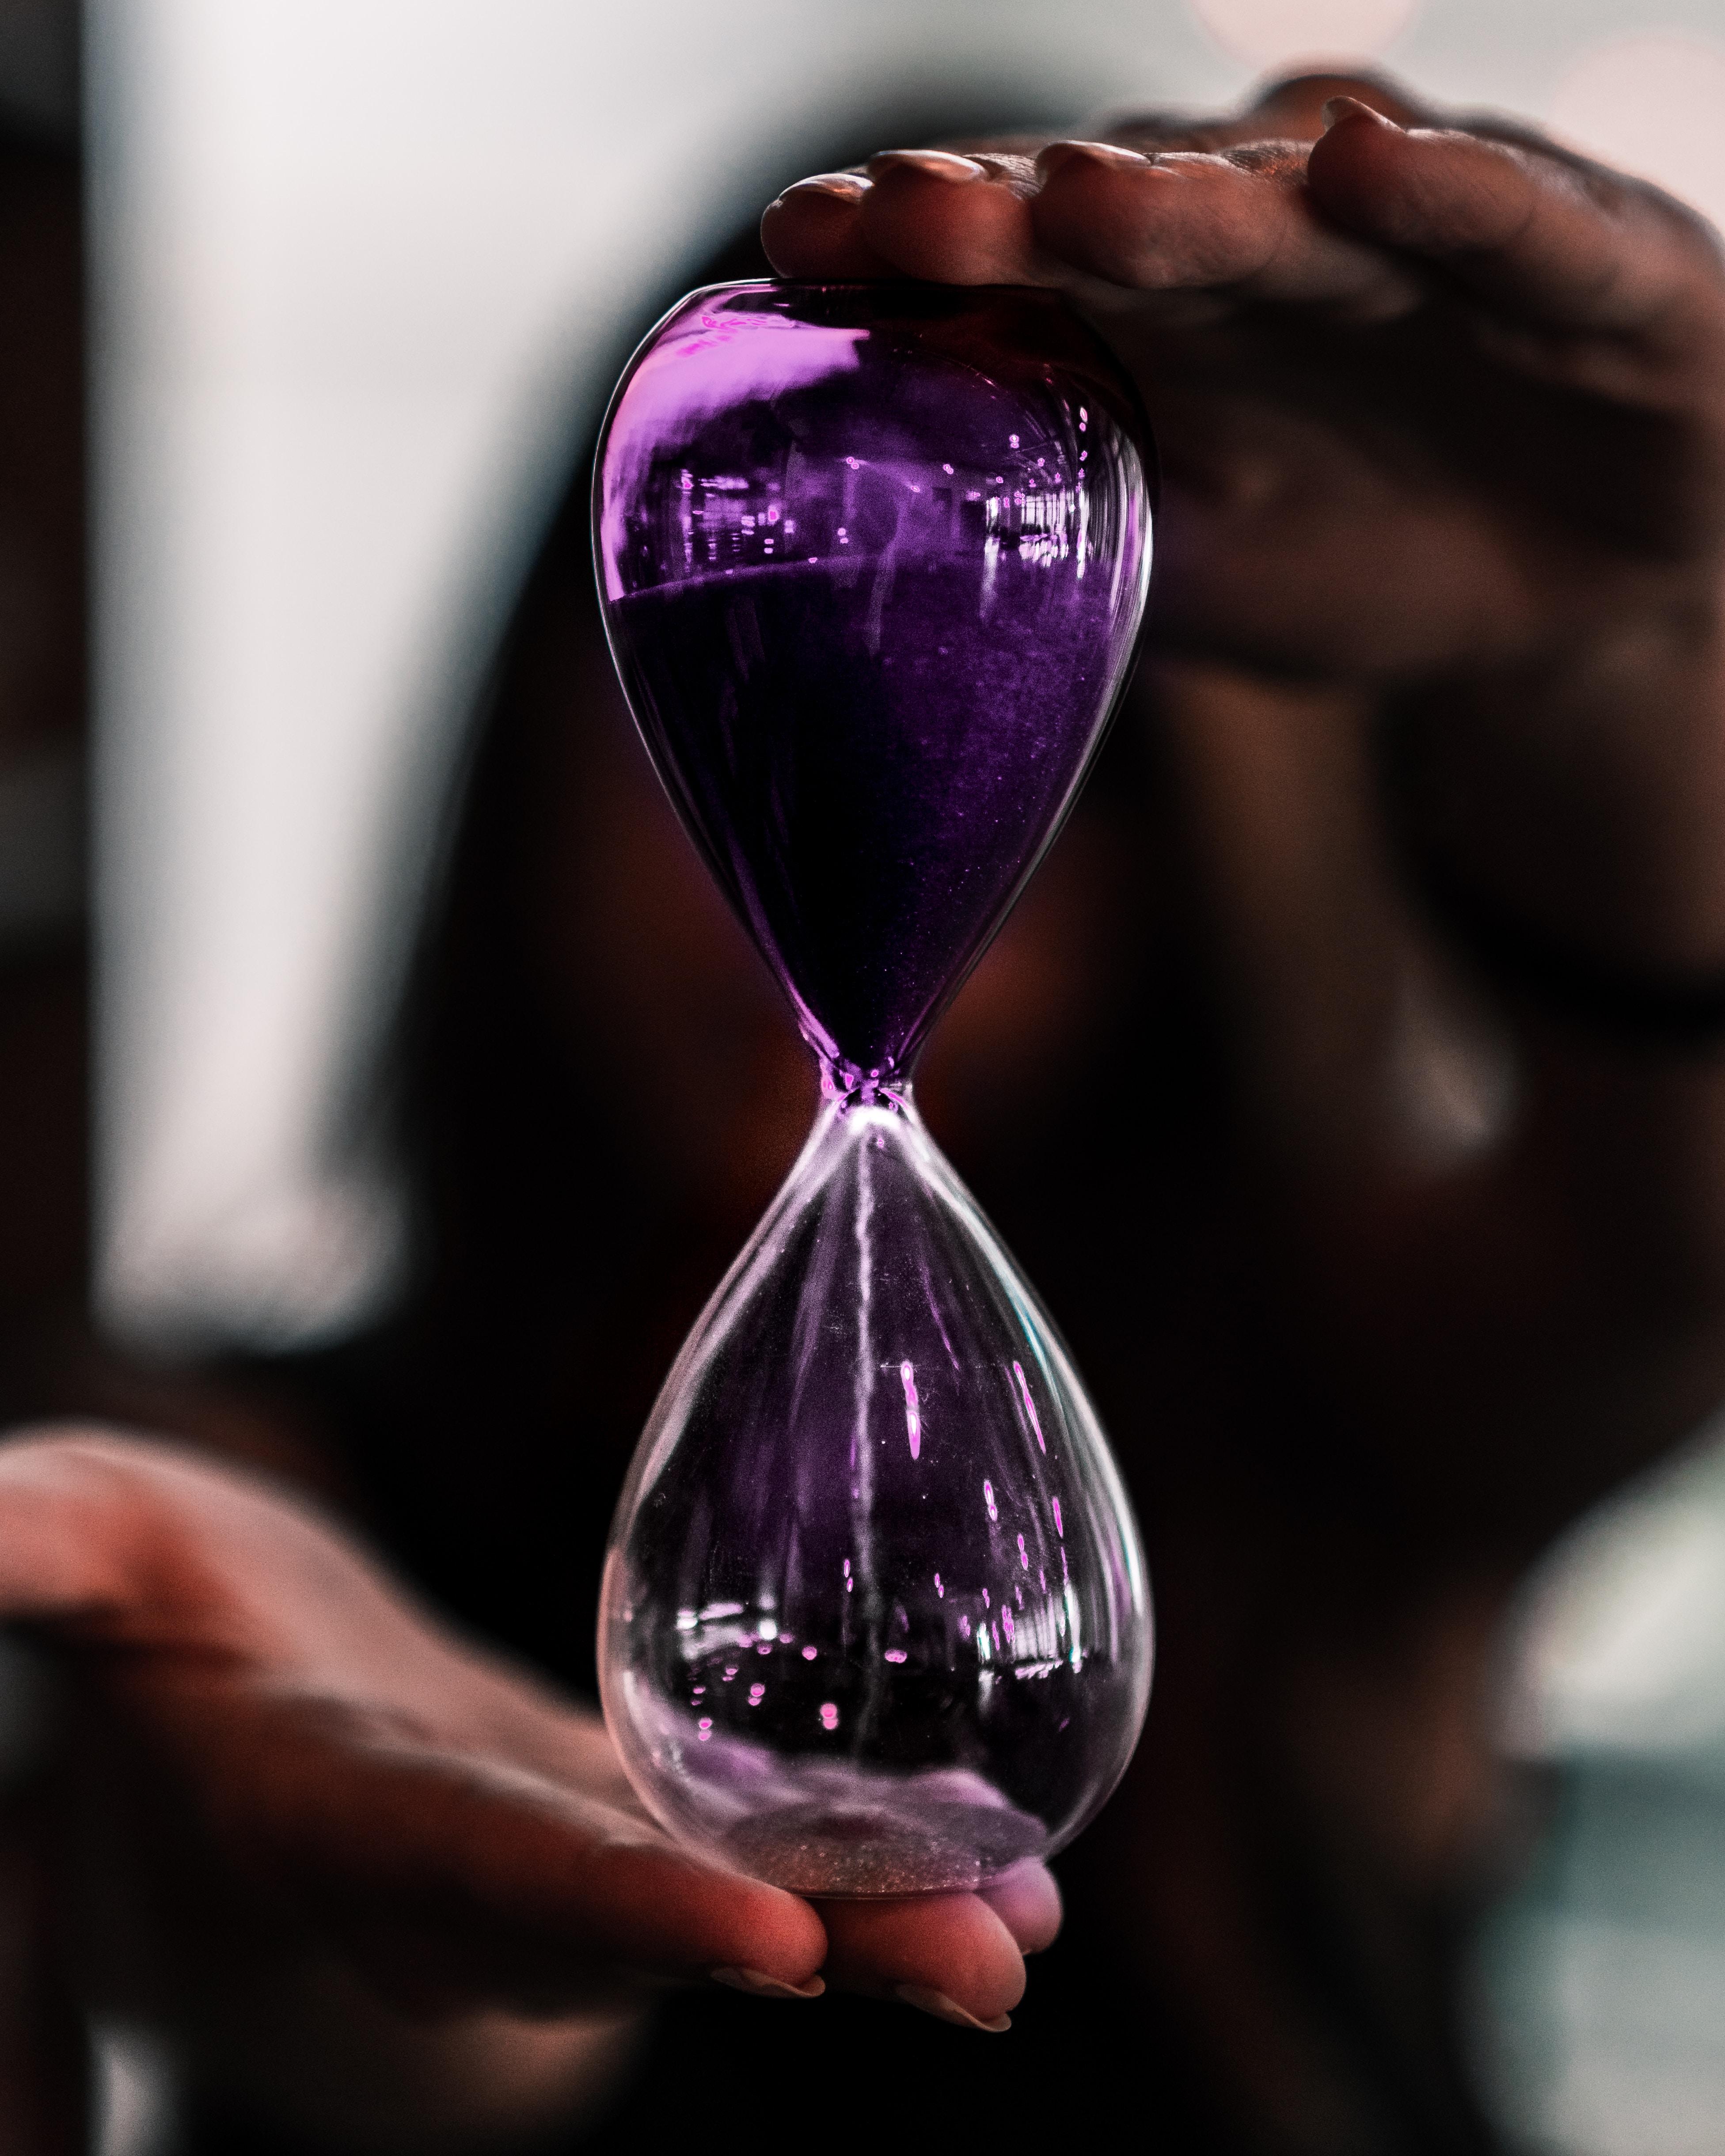 91243 Hintergrundbild herunterladen Sand, Verschiedenes, Sonstige, Glas, Hände, Zeit, Es Ist Zeit, Sanduhr - Bildschirmschoner und Bilder kostenlos